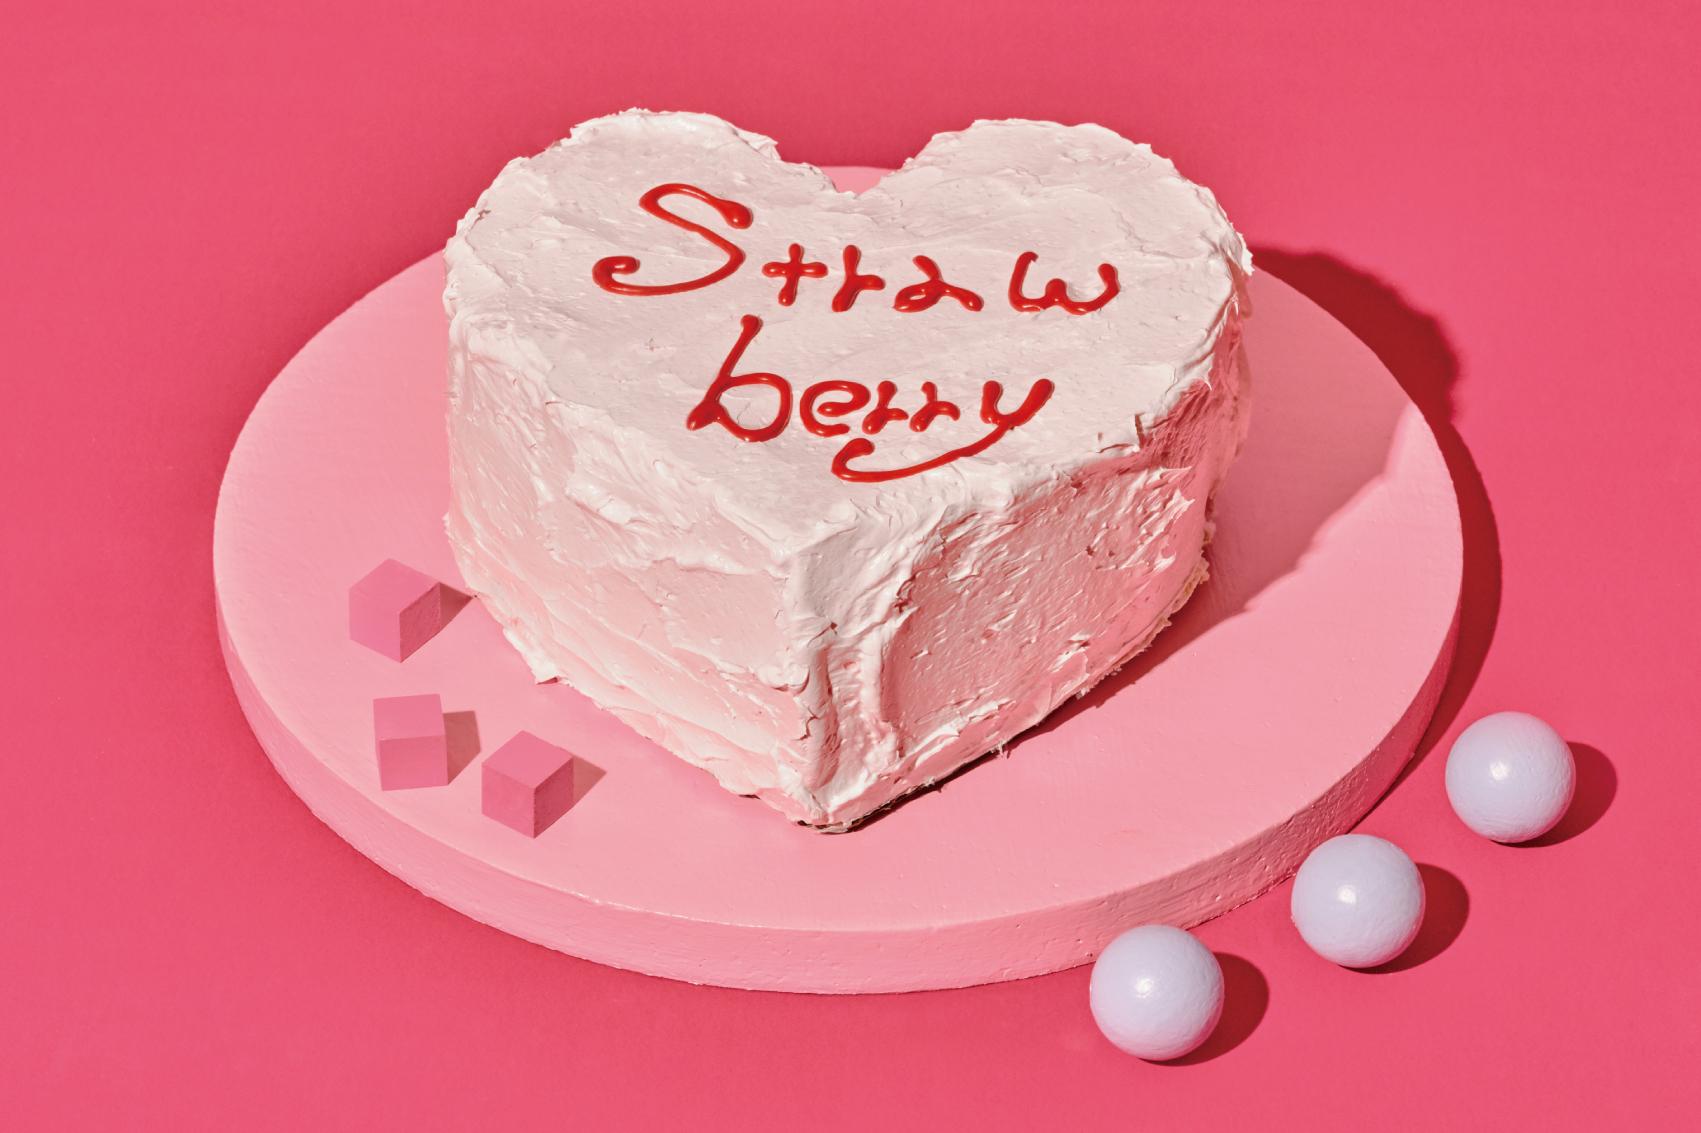 strawberry-playroom%e3%82%b9%e3%83%88%e3%83%ad%e3%83%99%e3%83%aa%e3%83%bc%e3%83%97%e3%83%ac%e3%82%a4%e3%83%ab%e3%83%bc%e3%83%a0-3